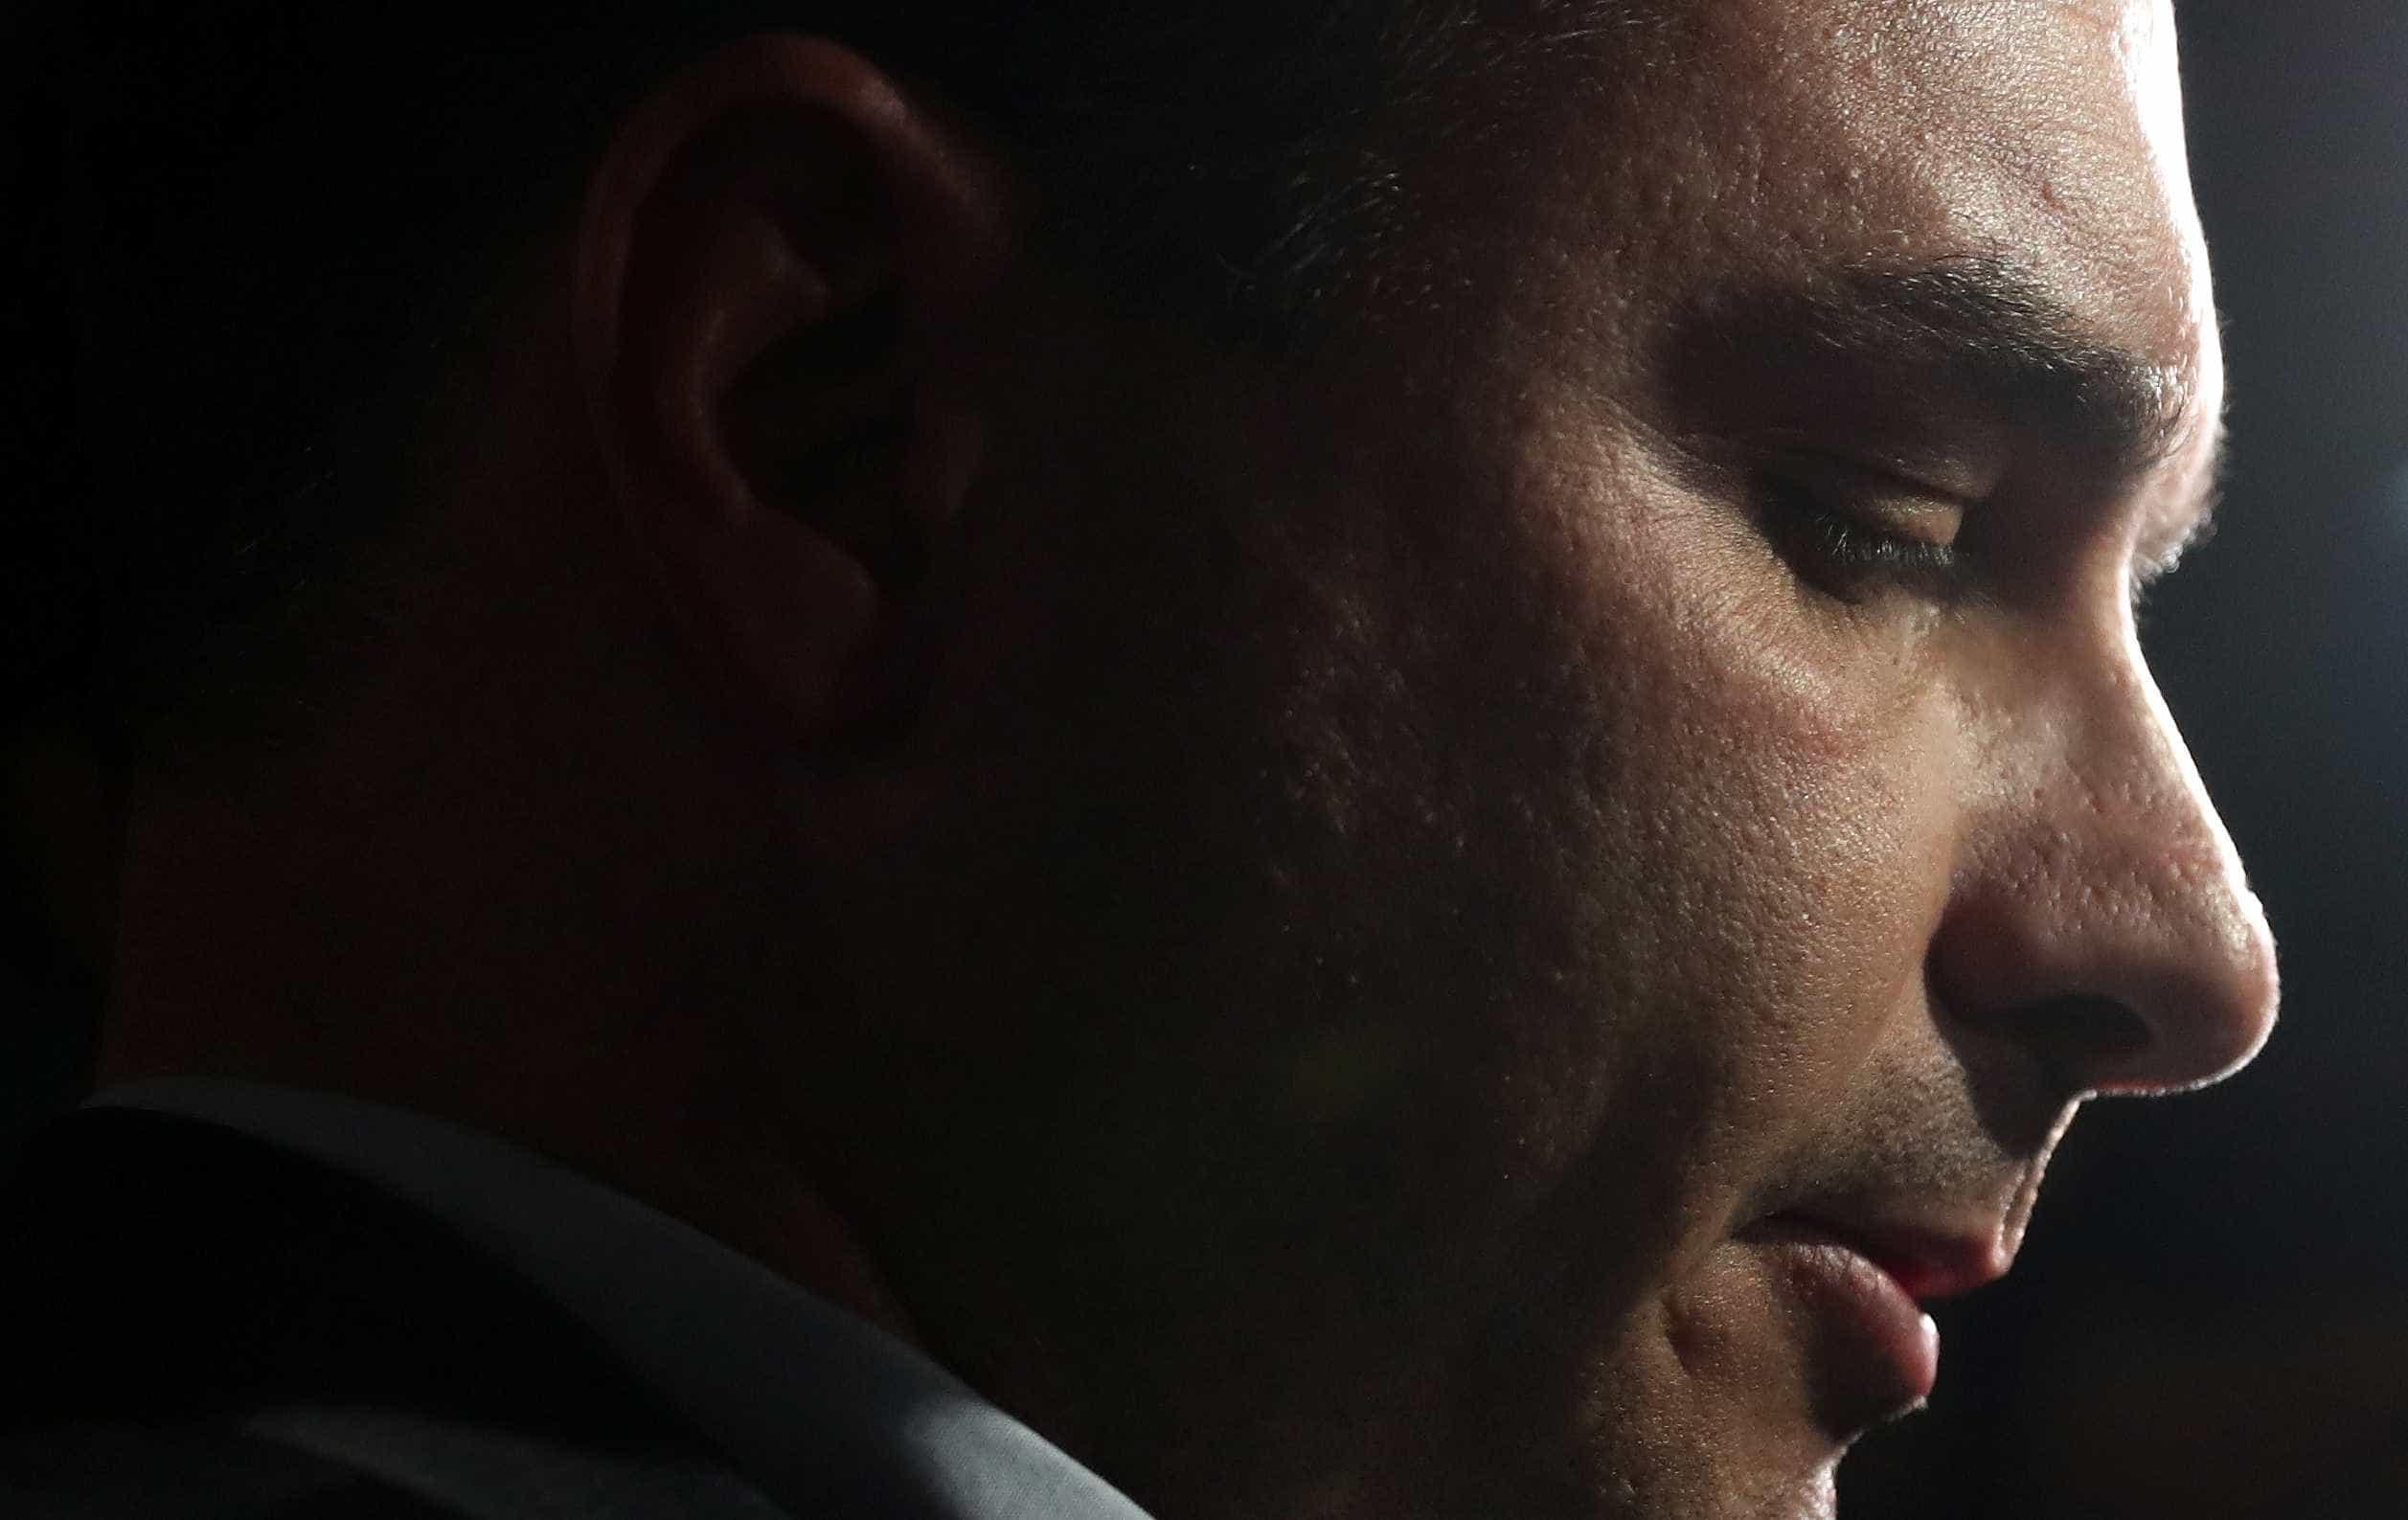 'Estou muito tranquilo e indignado', diz Flávio Bolsonaro